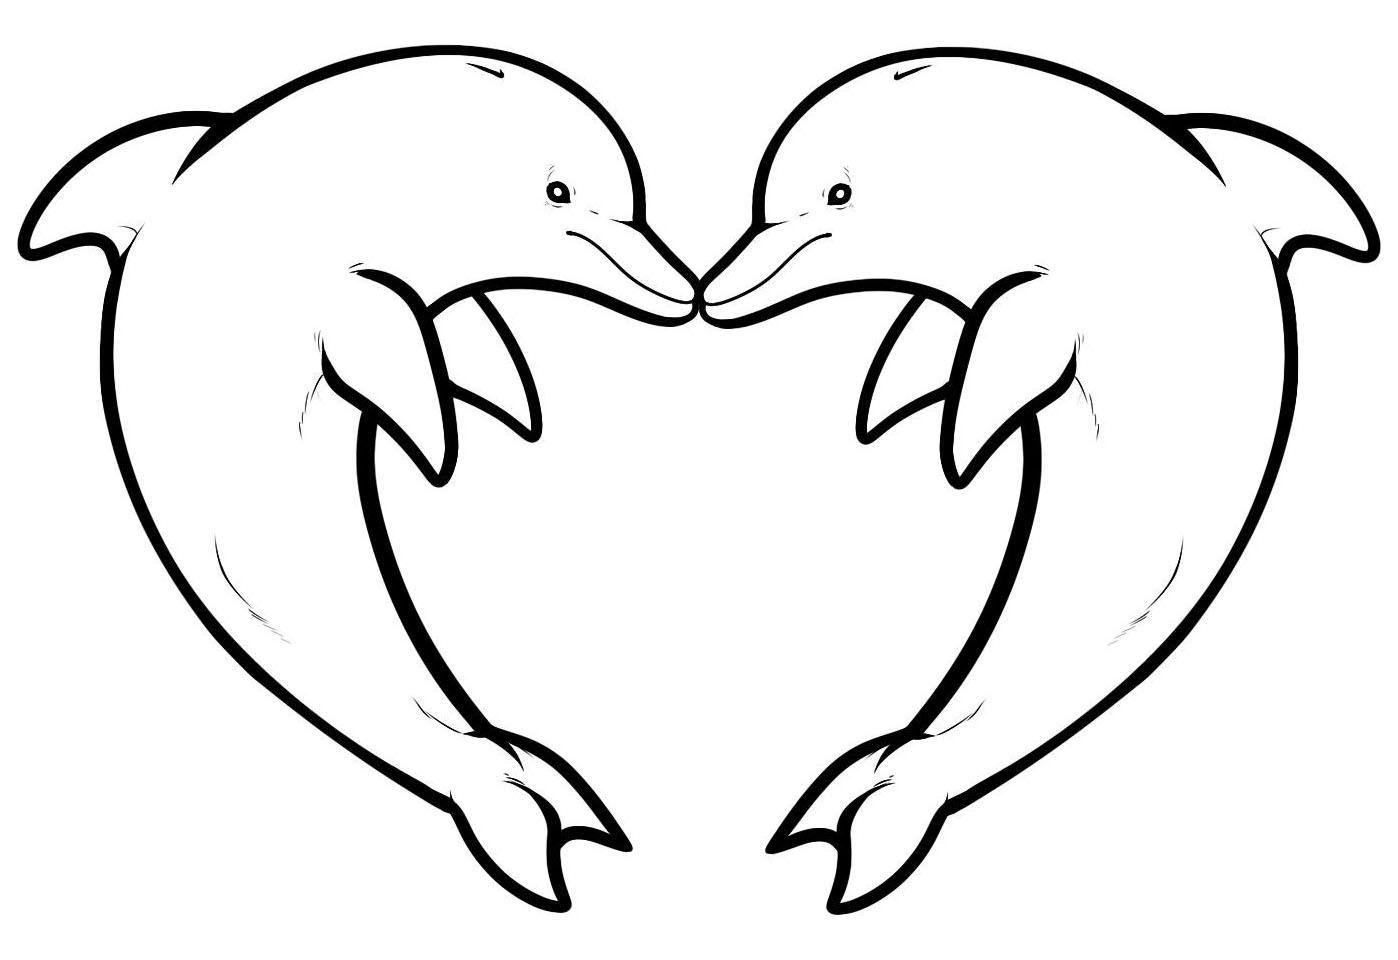 Tranh tô màu hai chú cá heo tạo dáng hình trái tim